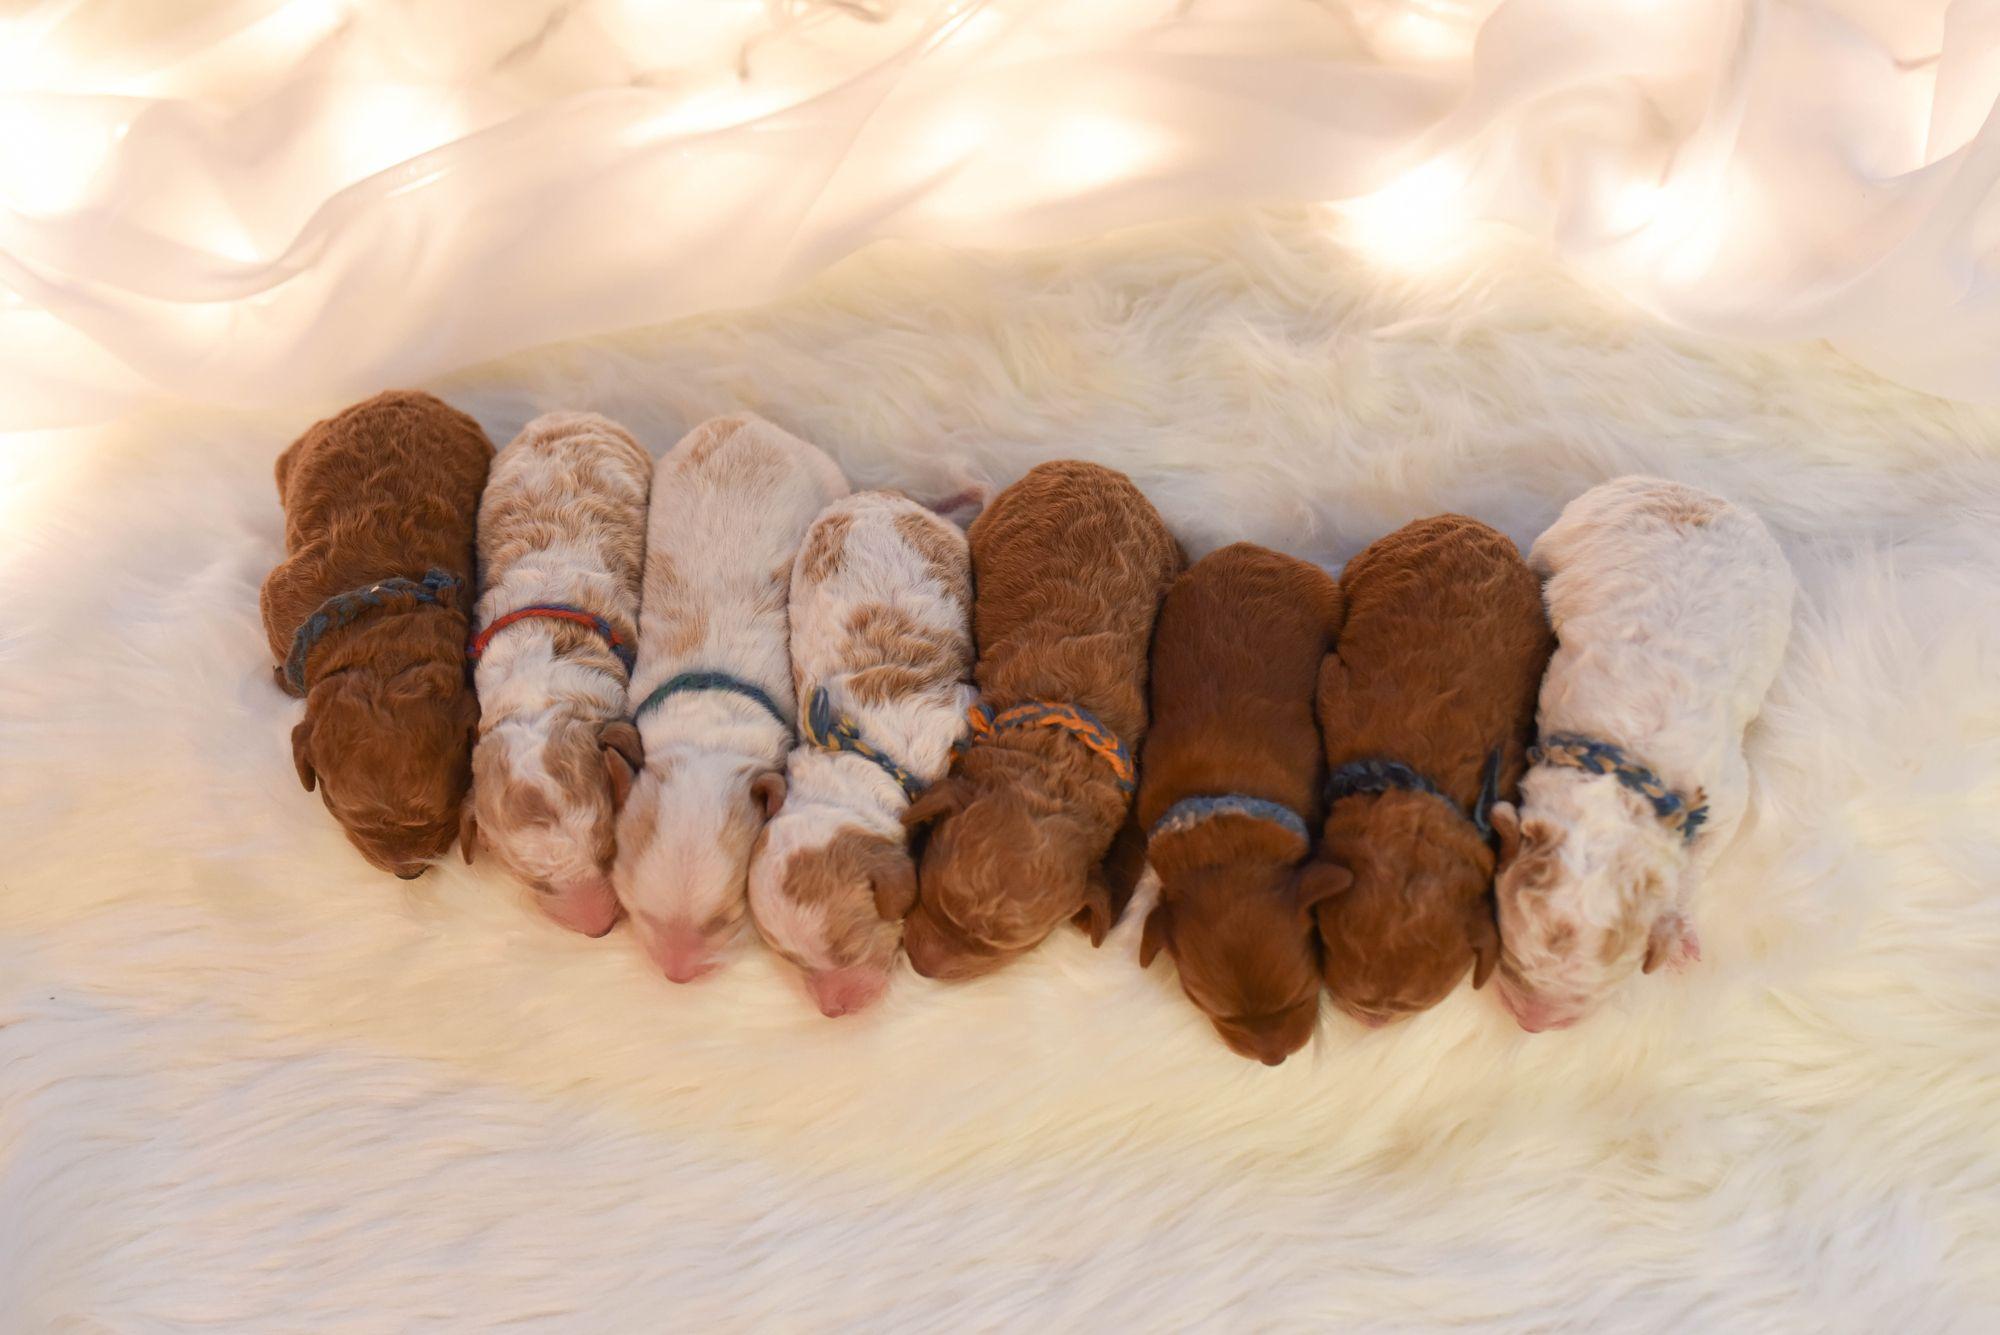 Oak Ridge TN Goldendoodles Our newest litter of F1B Mini